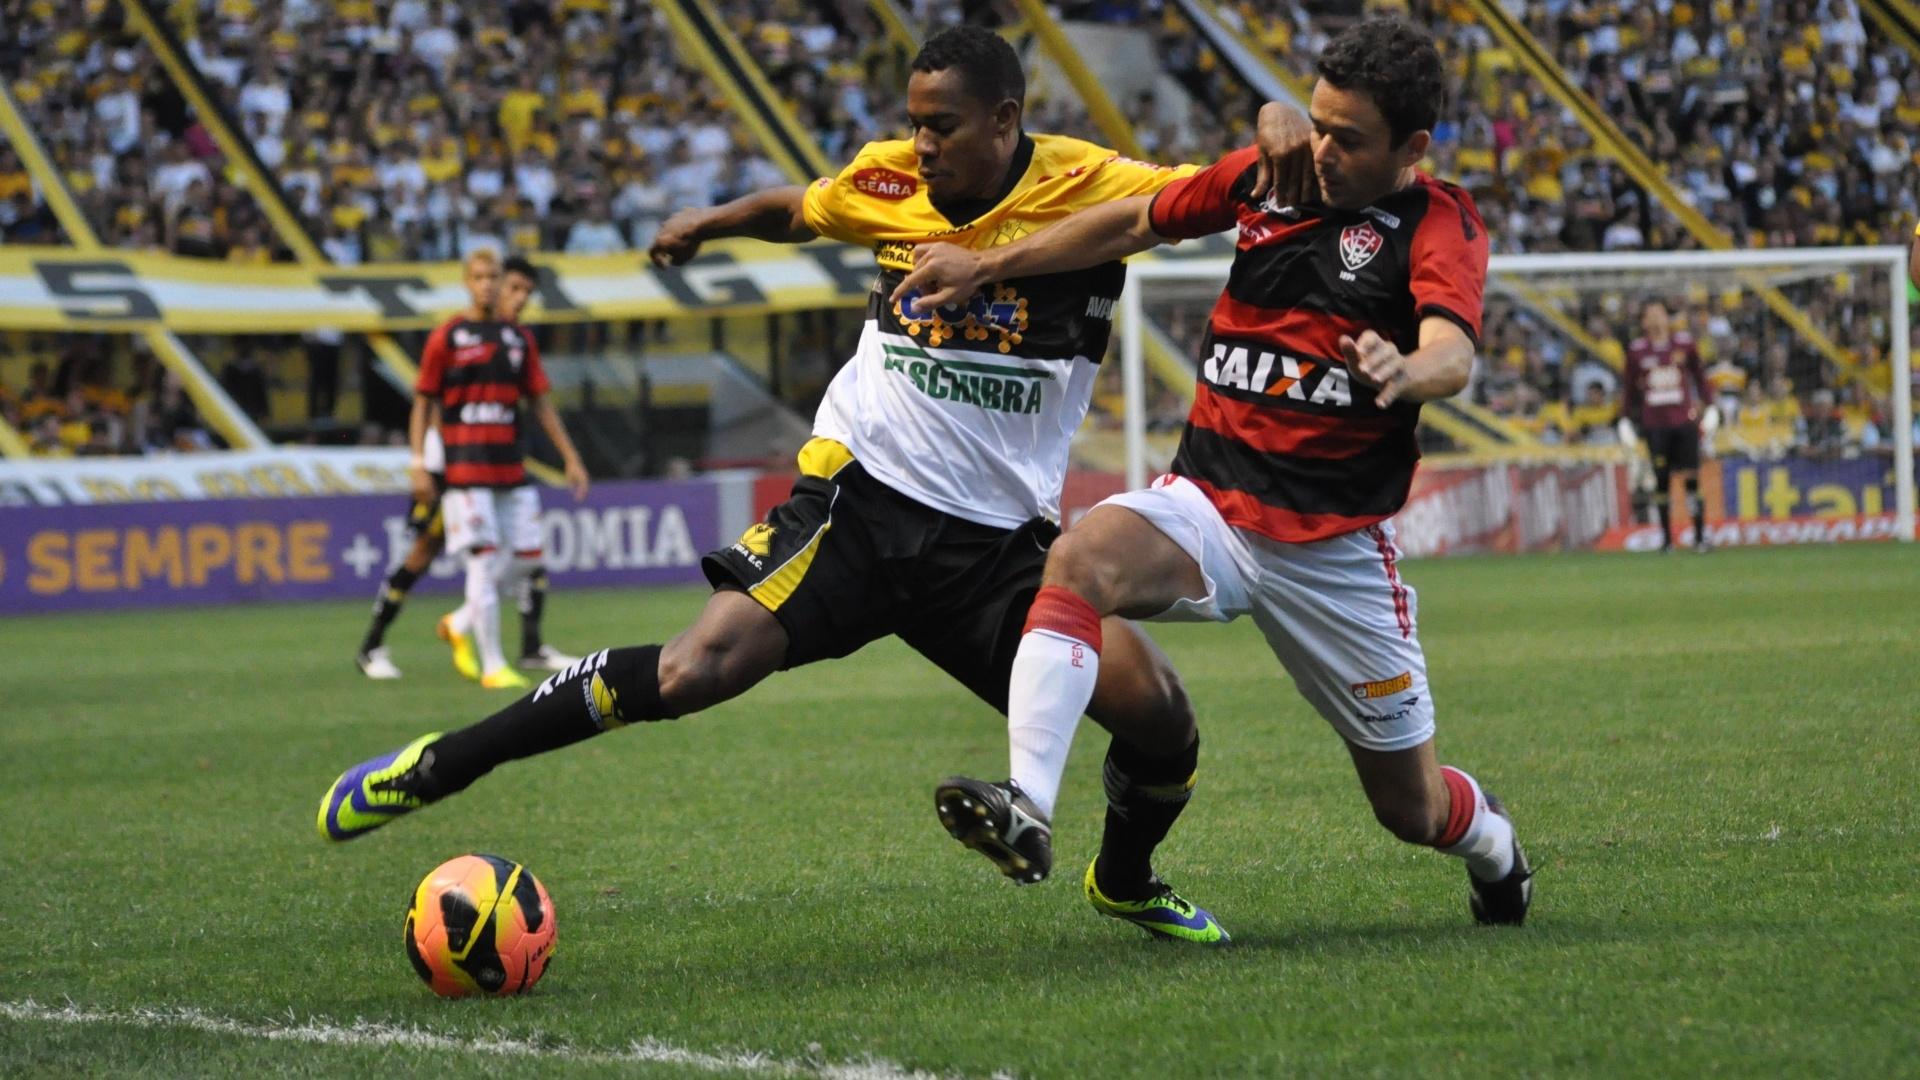 Lins, atacante do Criciúma, e Juan, lateral do Vitória, disputam a bola próxima à linha lateral (23.nov.13)